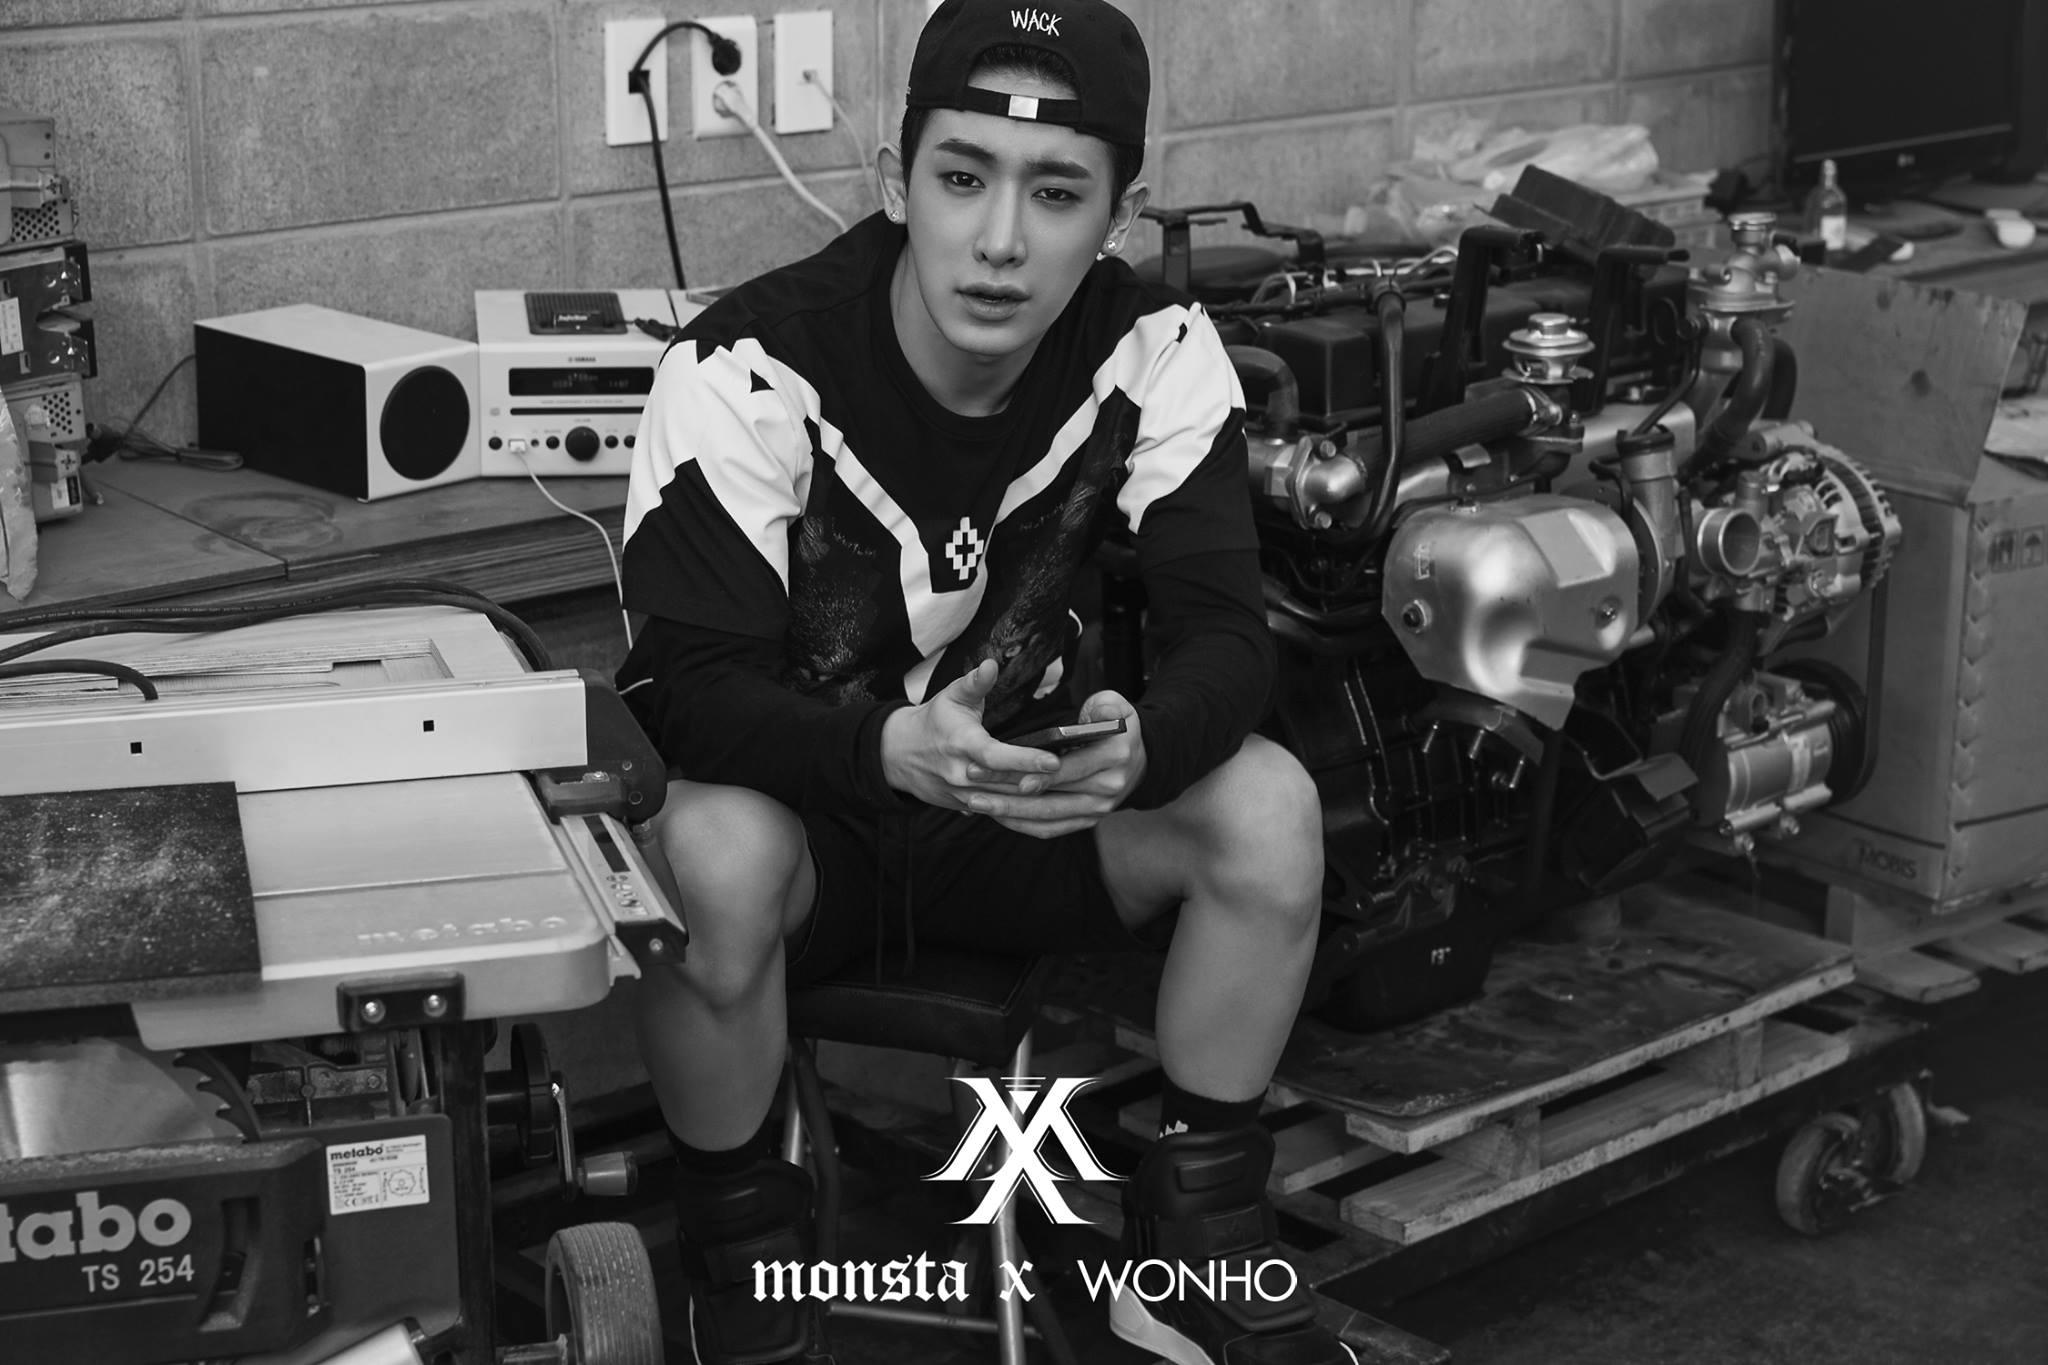 MONSTA-X-Wonho